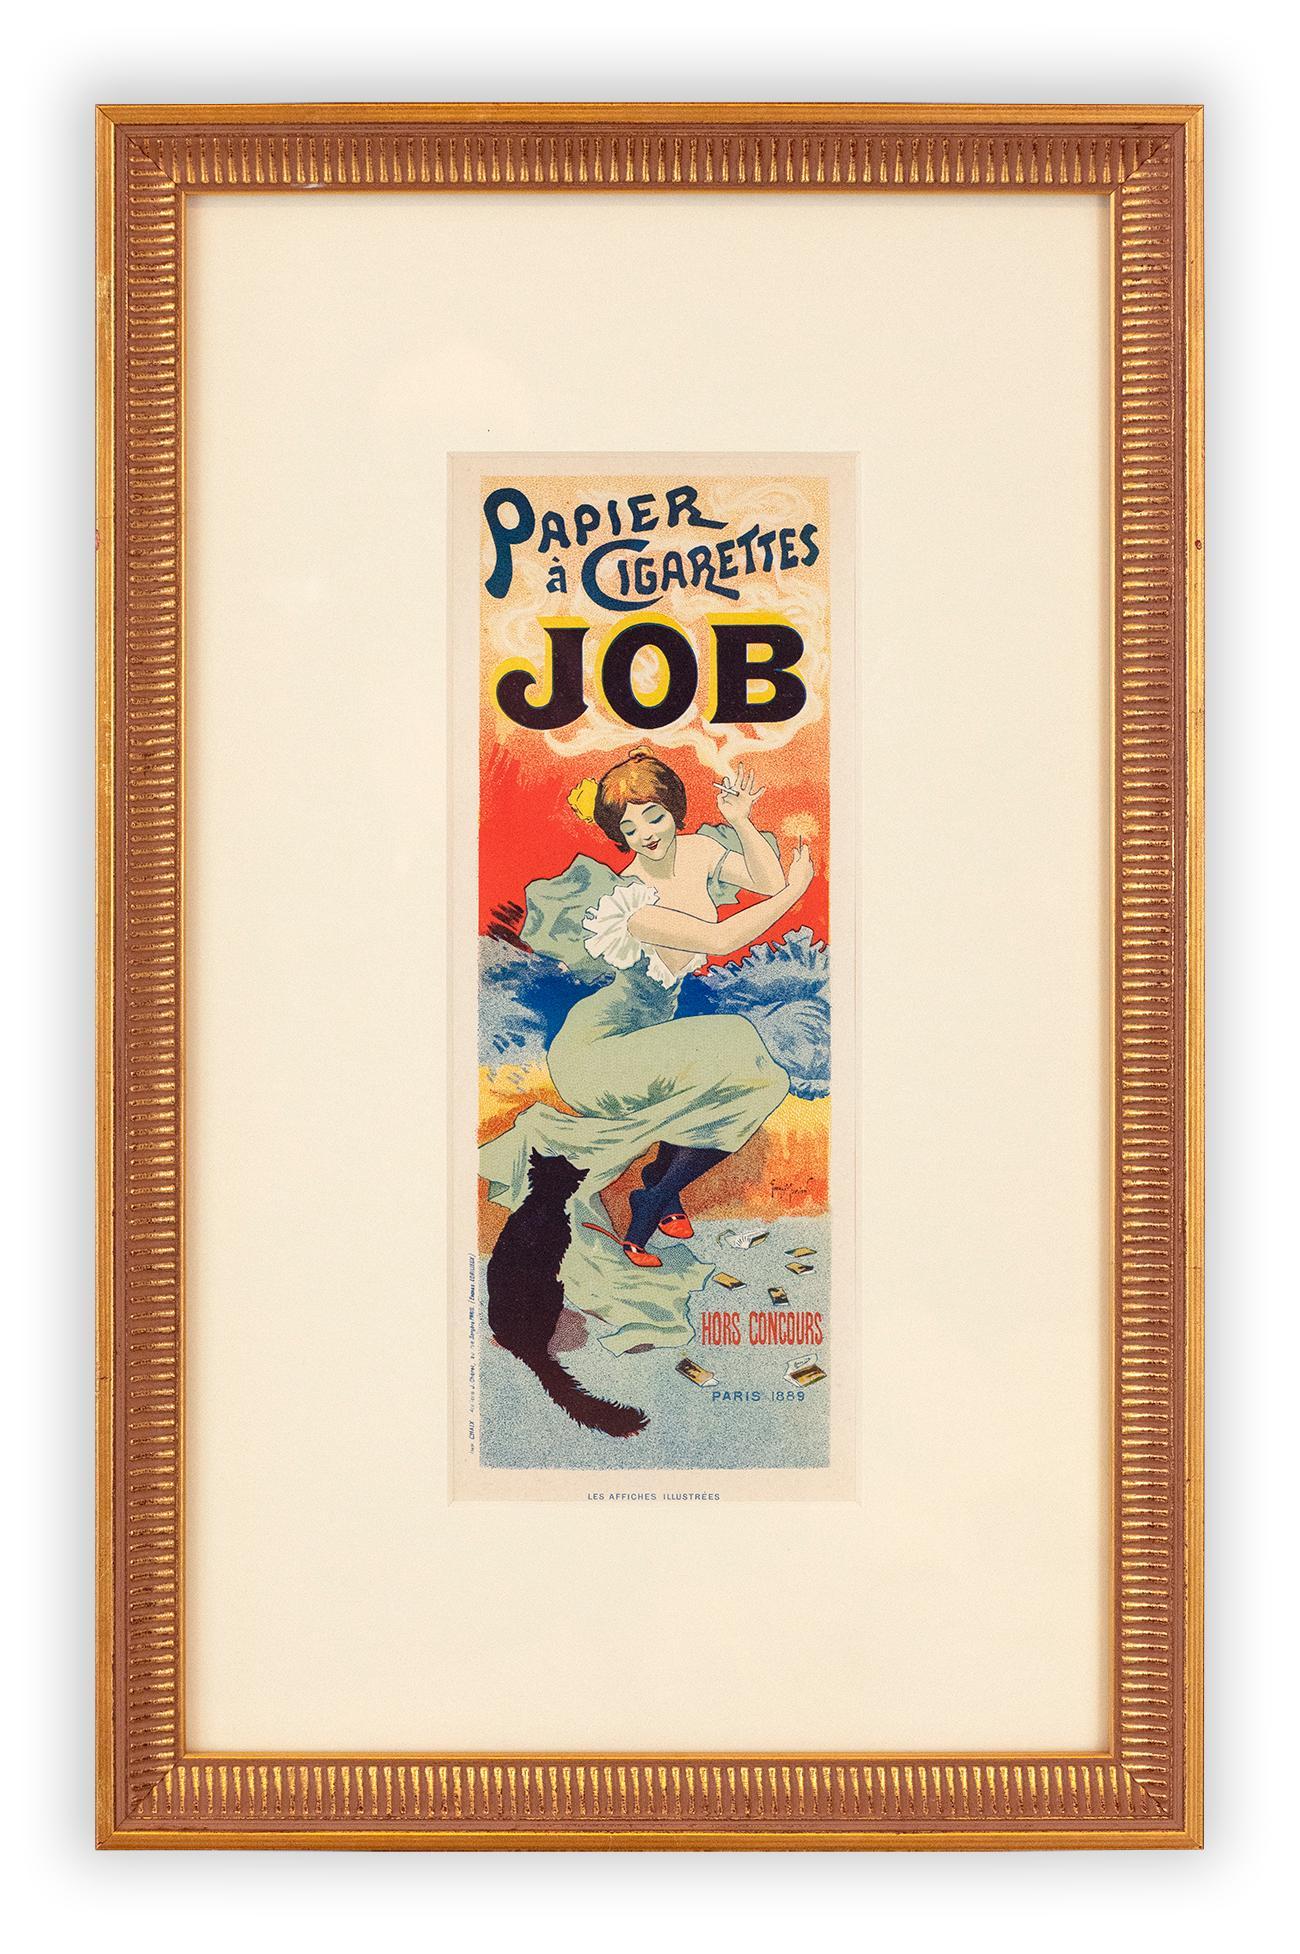 JOB Papier à Cigarettes by Georges Meunier, Belle Epoque lithograph, 1896